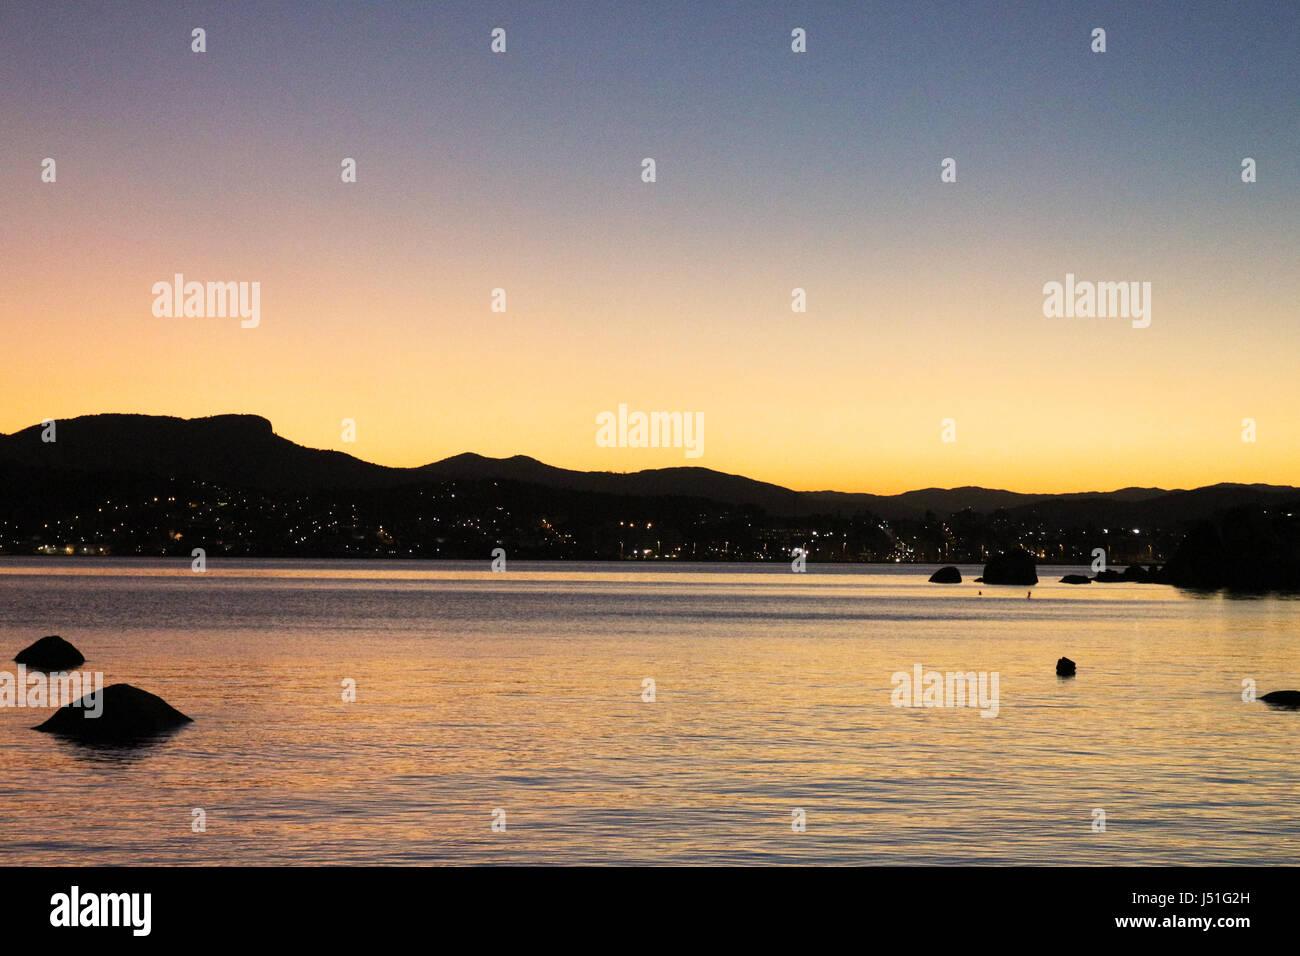 Sunset in Itaguacu - florianopolis - Stock Image